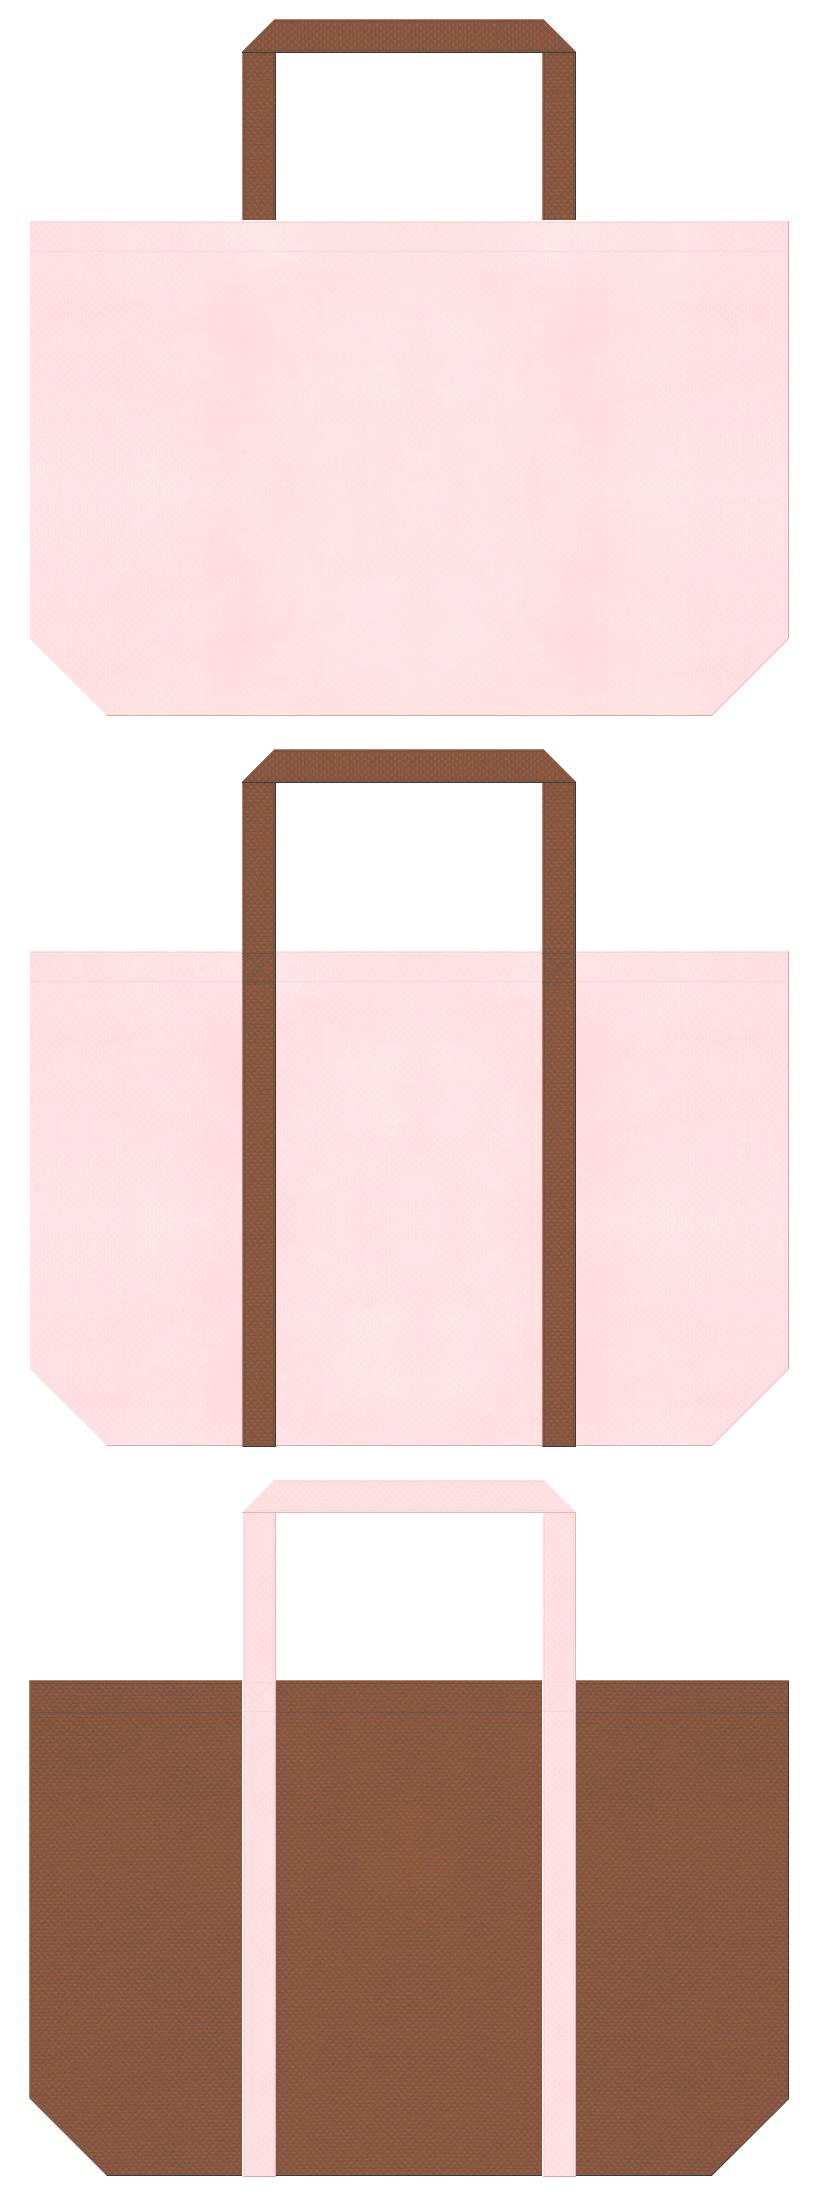 ペットショップ・ペットサロン・ペット用品・ペットフード・アニマルケア・絵本・おとぎ話・ポニー・ベアー・子犬・手芸・ぬいぐるみ・いちごチョコ・ガーリーデザインにお奨めの不織布バッグデザイン:桜色と茶色のコーデ